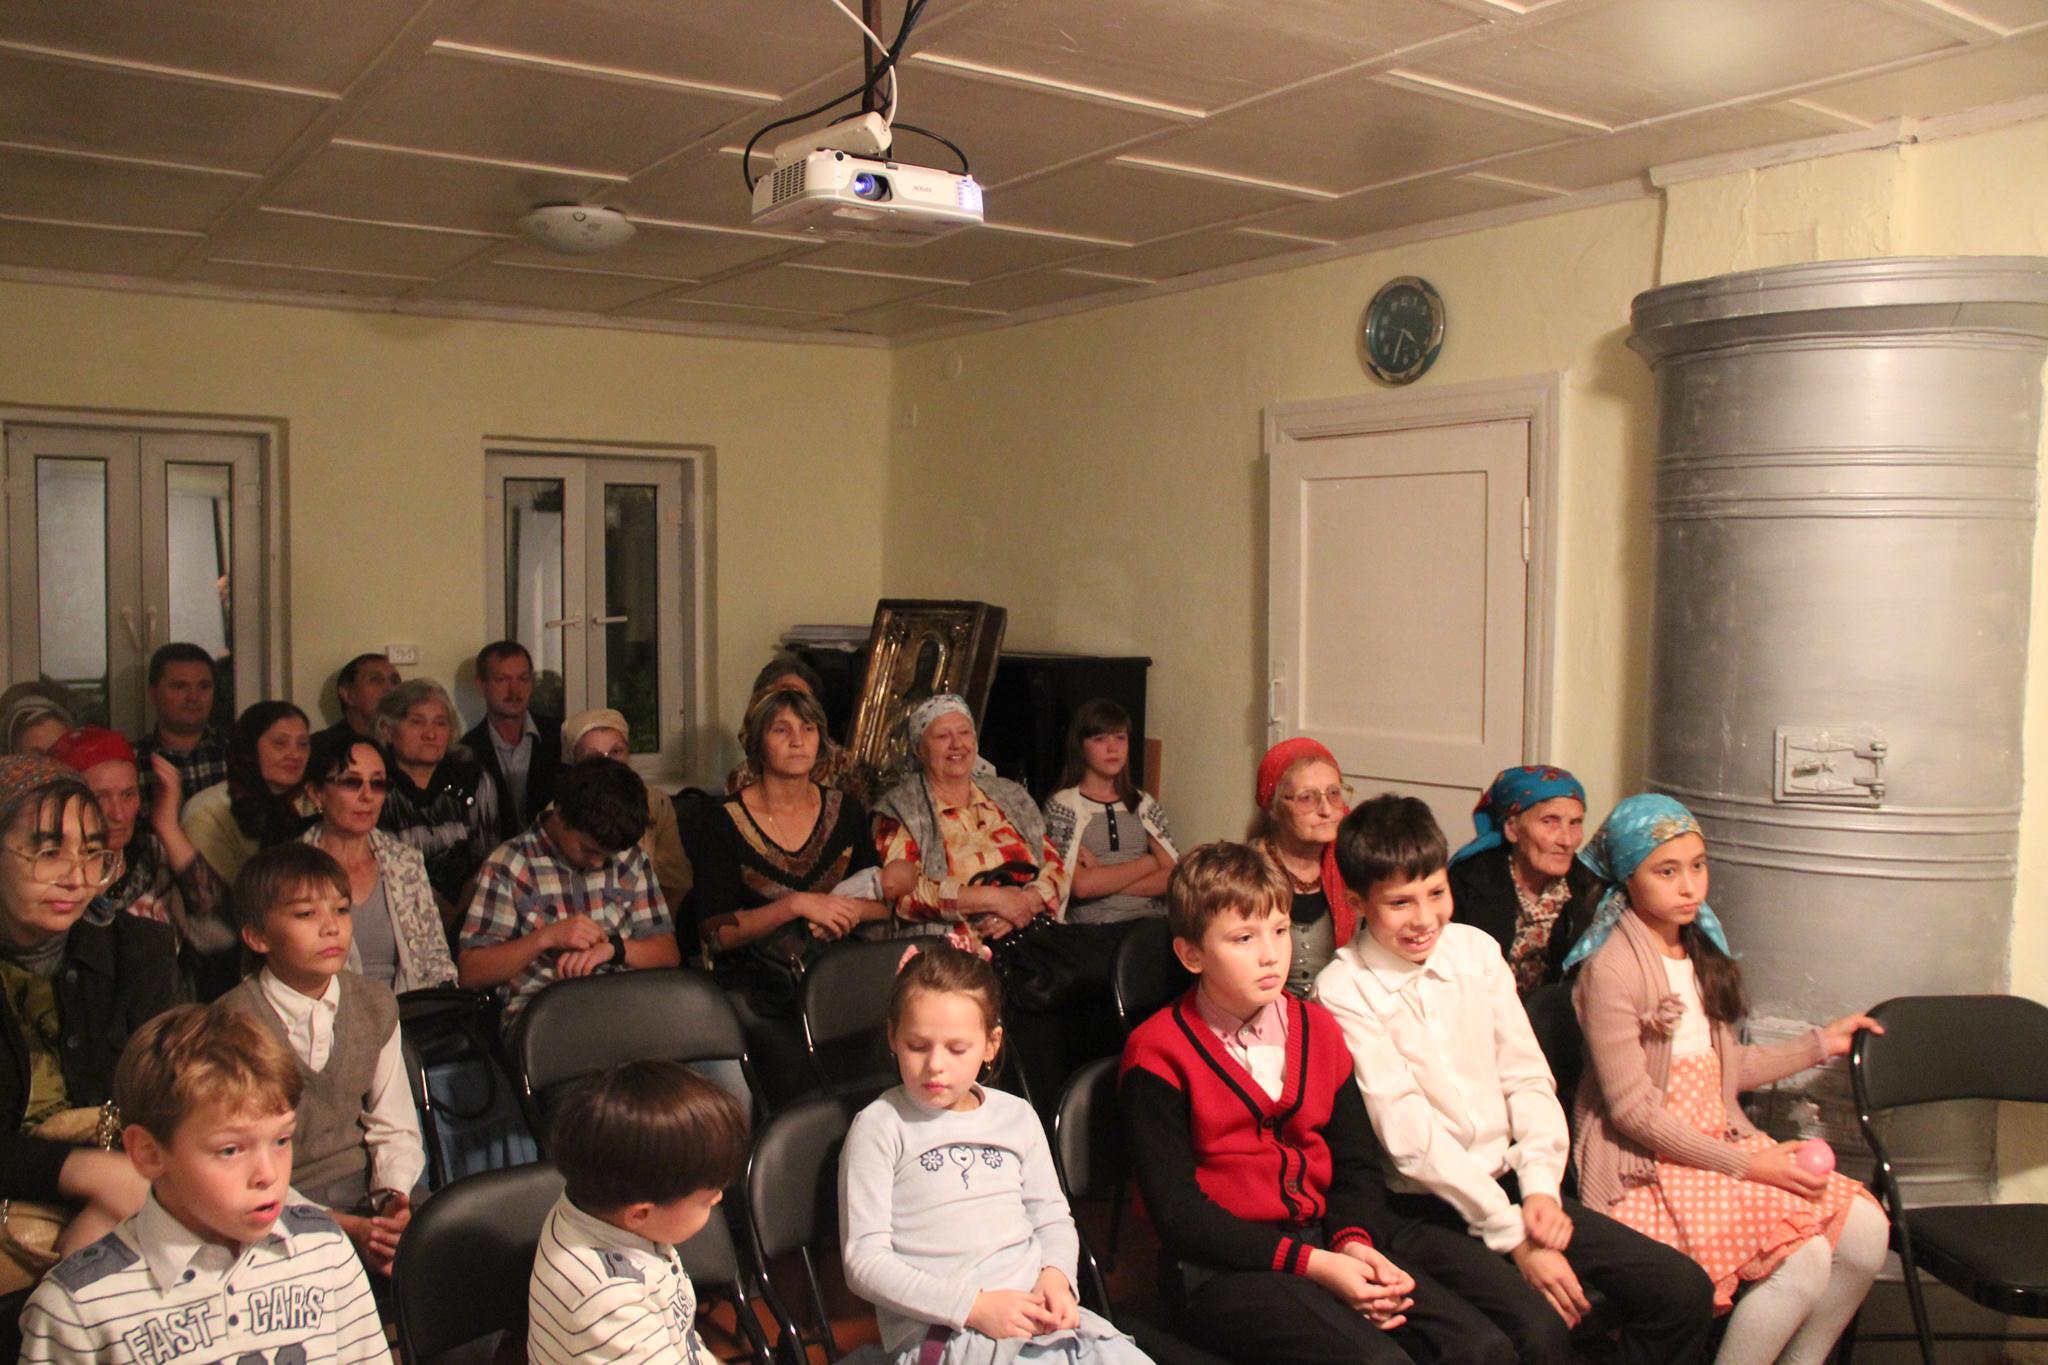 В день памяти преподобного Сергия Радонежского в Душанбинской епархии начал работу кинолекторий.